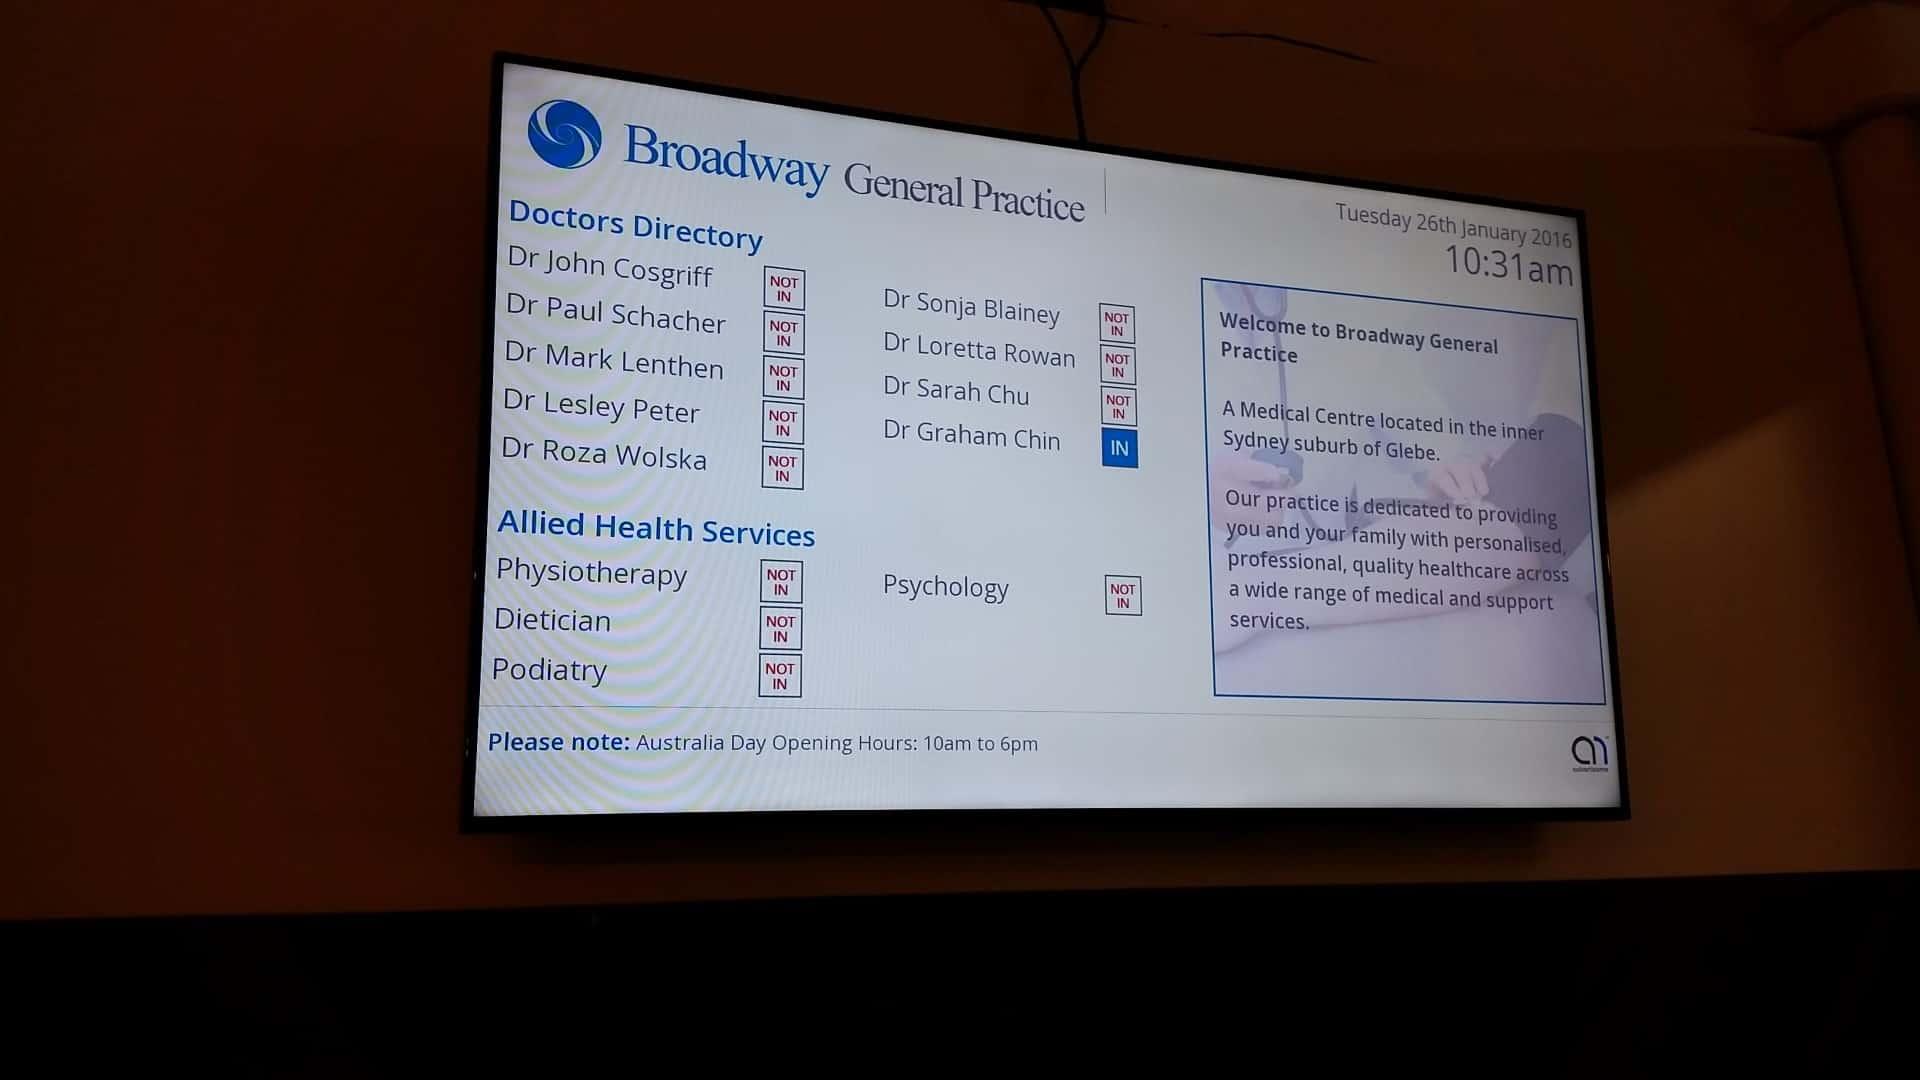 Advertise Me - Digital Signage Healthscope Broadway Medical Centre Medical Boards